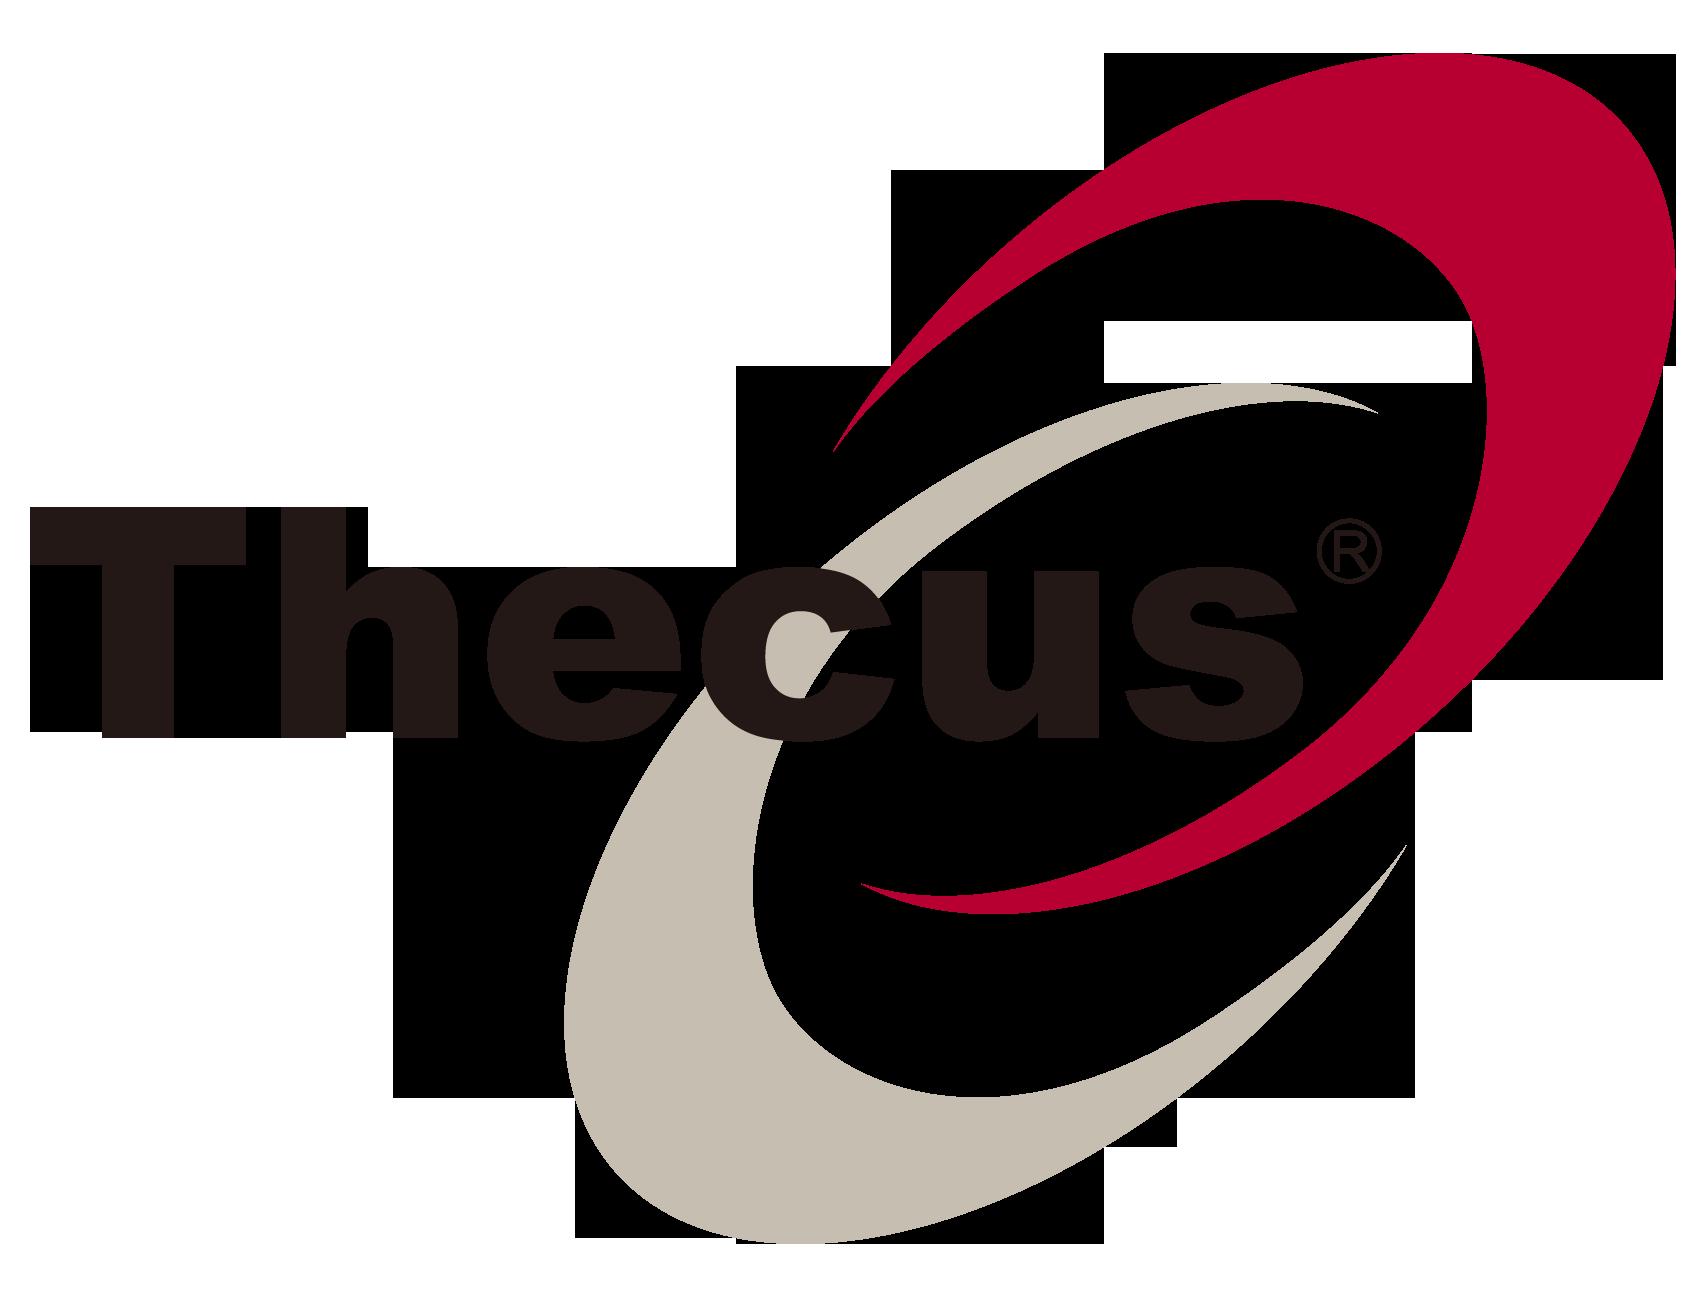 Thecus-logo-300dpi